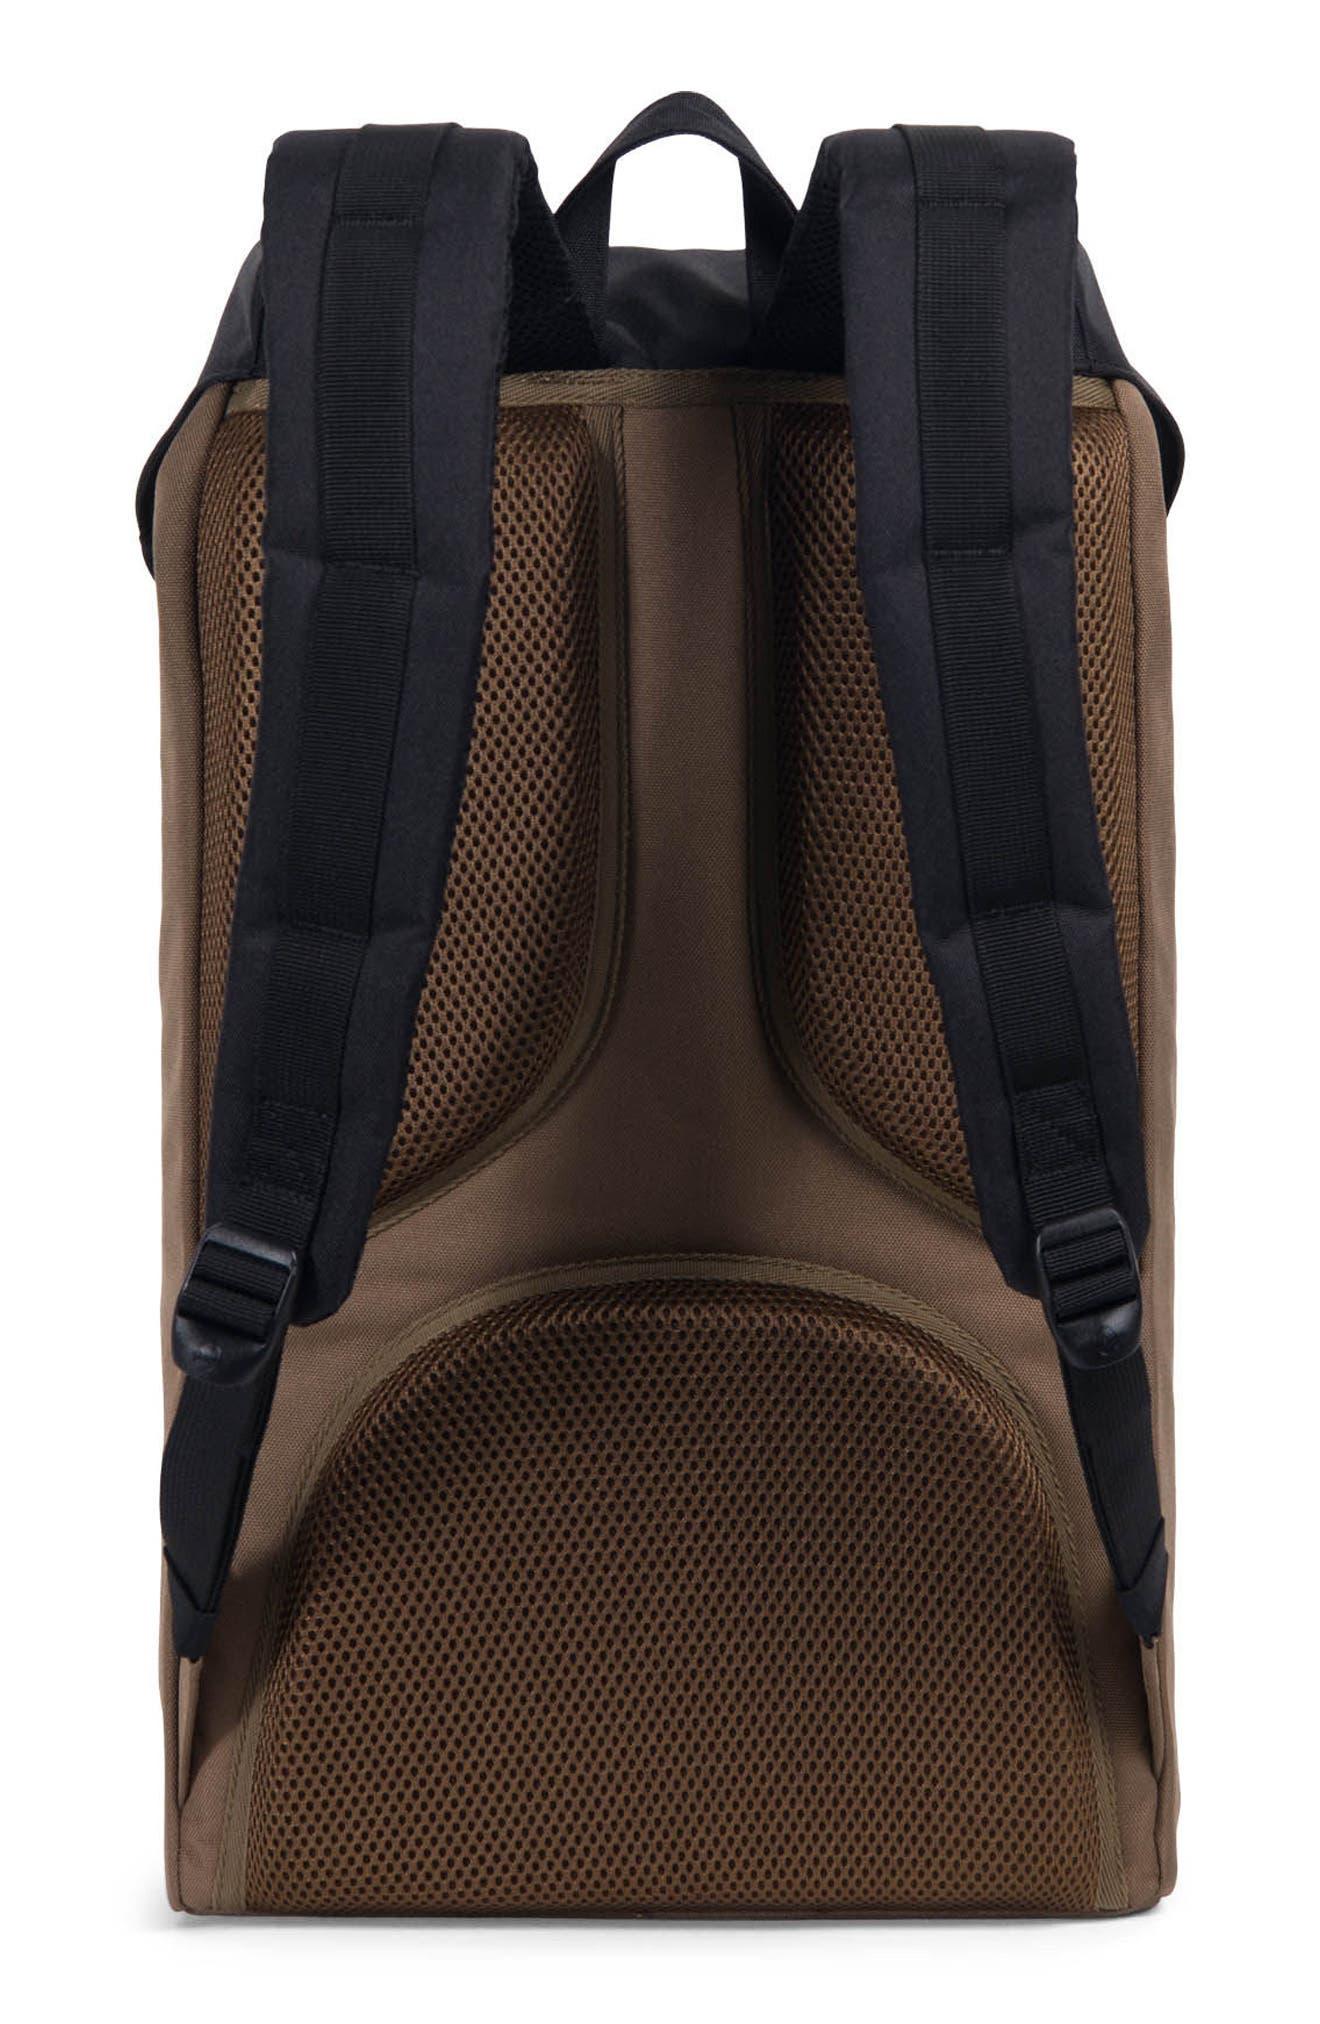 Little America Offset Stripe Backpack,                             Alternate thumbnail 2, color,                             Cub/ Black/ White